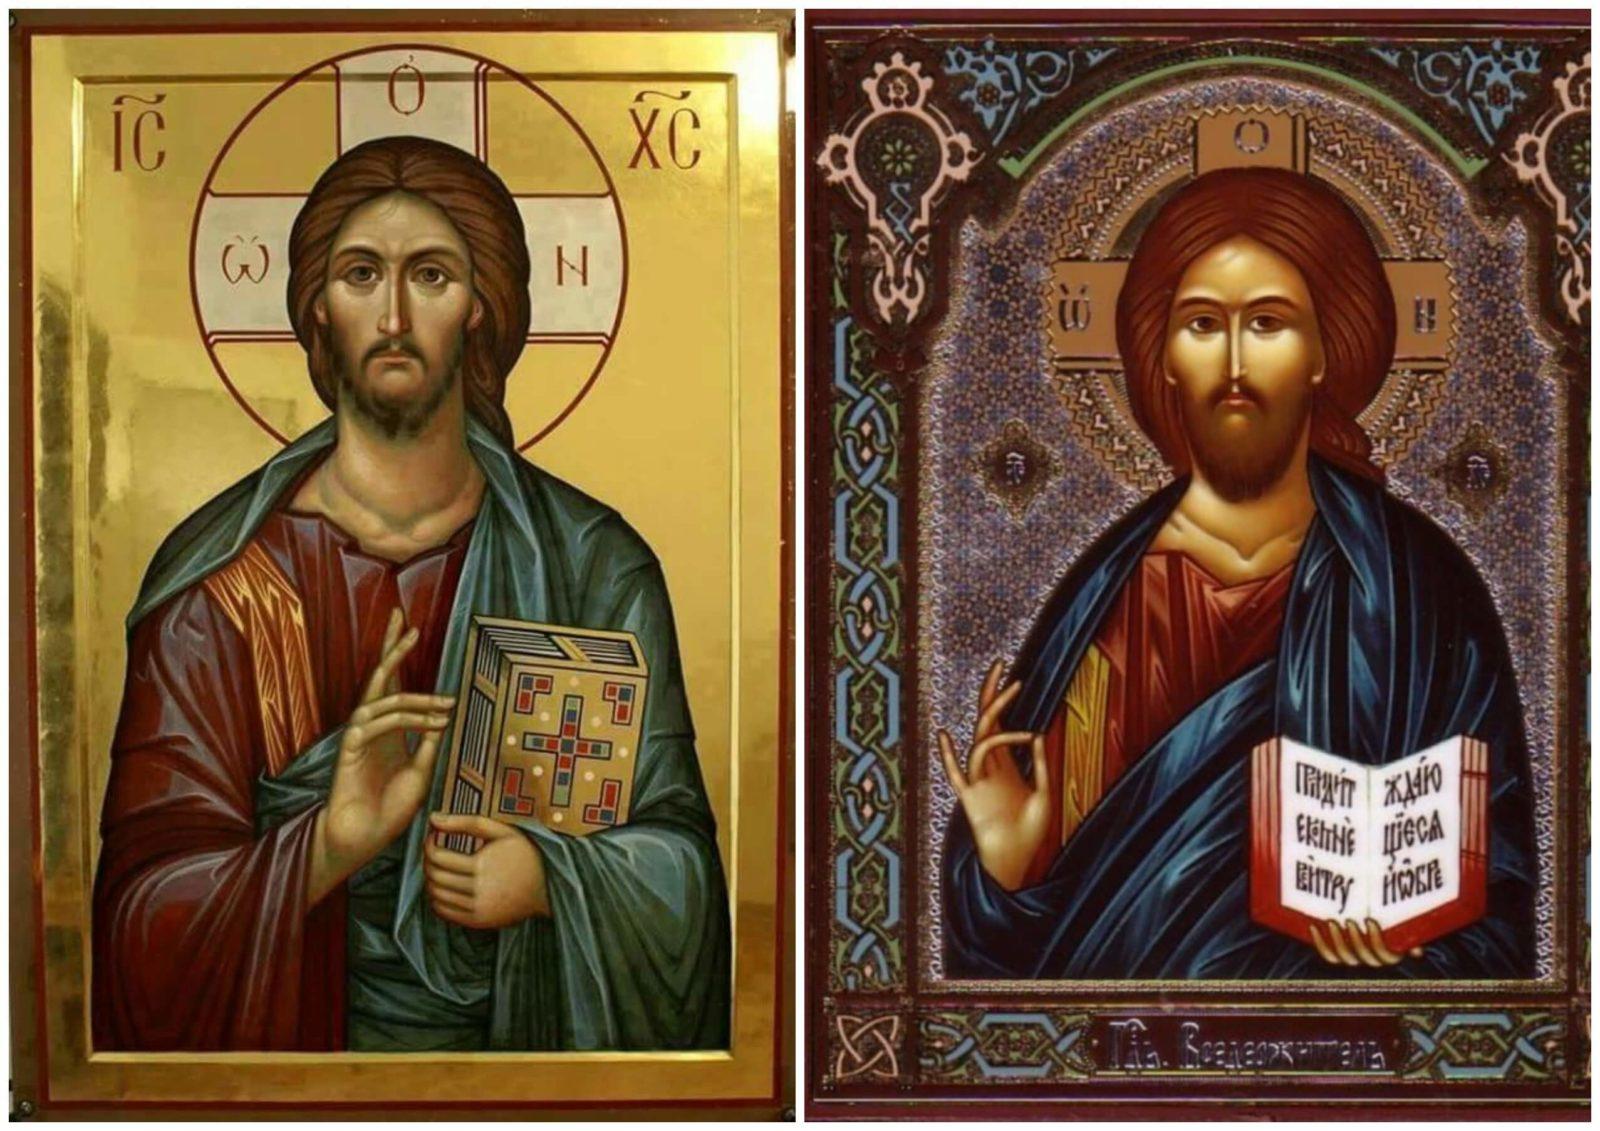 На фото изображены иконы Иисуса Христа Спасителя.